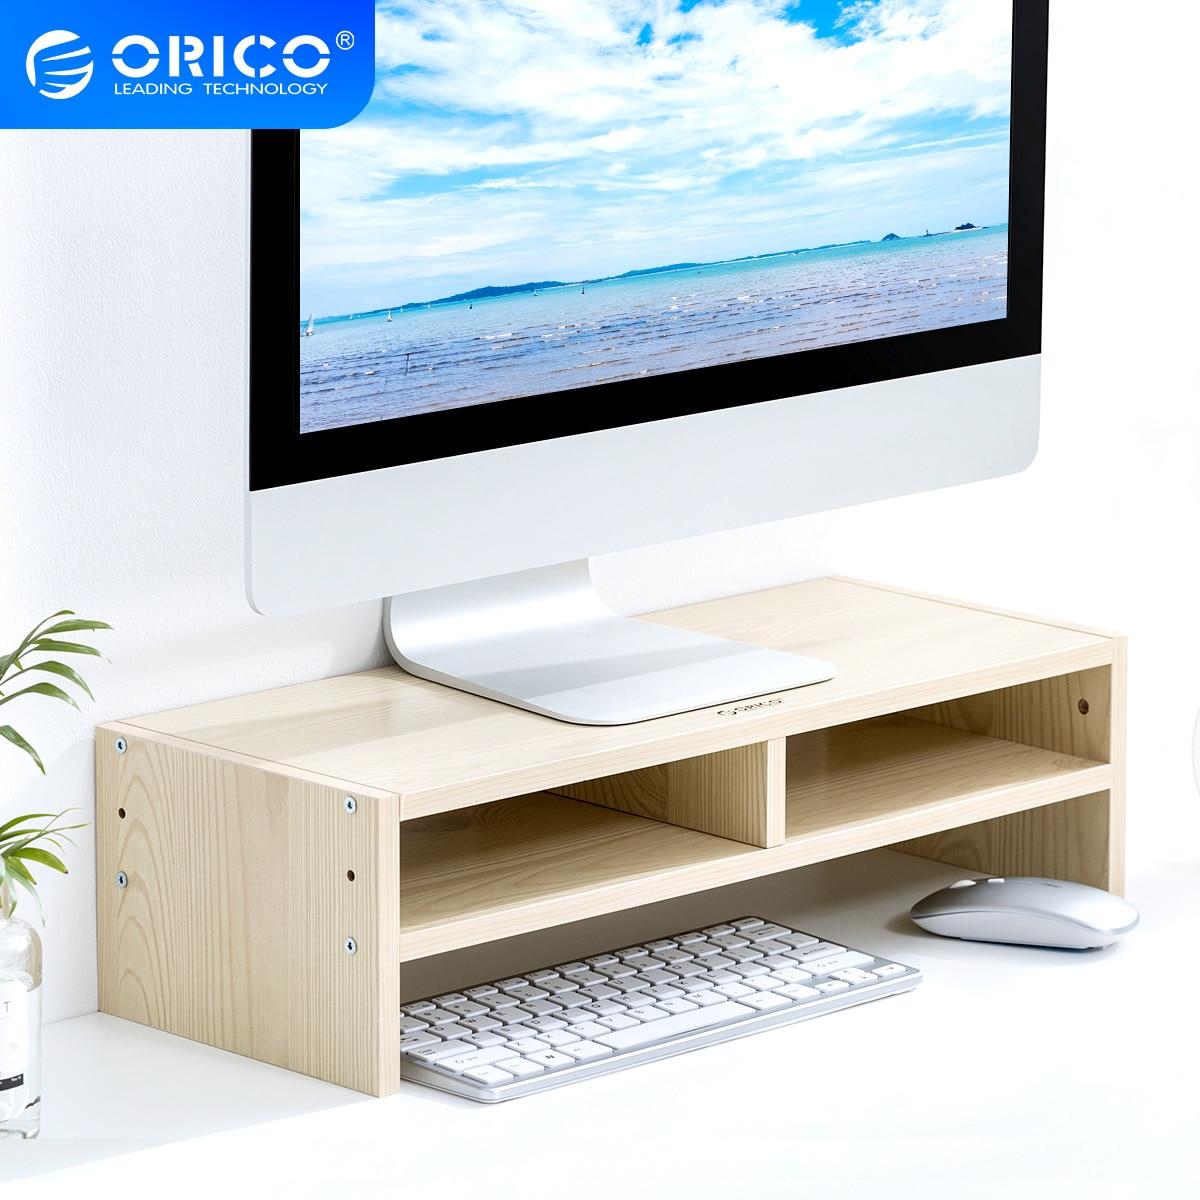 ORICO-حامل شاشة كمبيوتر محمول ، رف مكتب ، مع درج ، صندوق تخزين ، للمنزل والمكتب